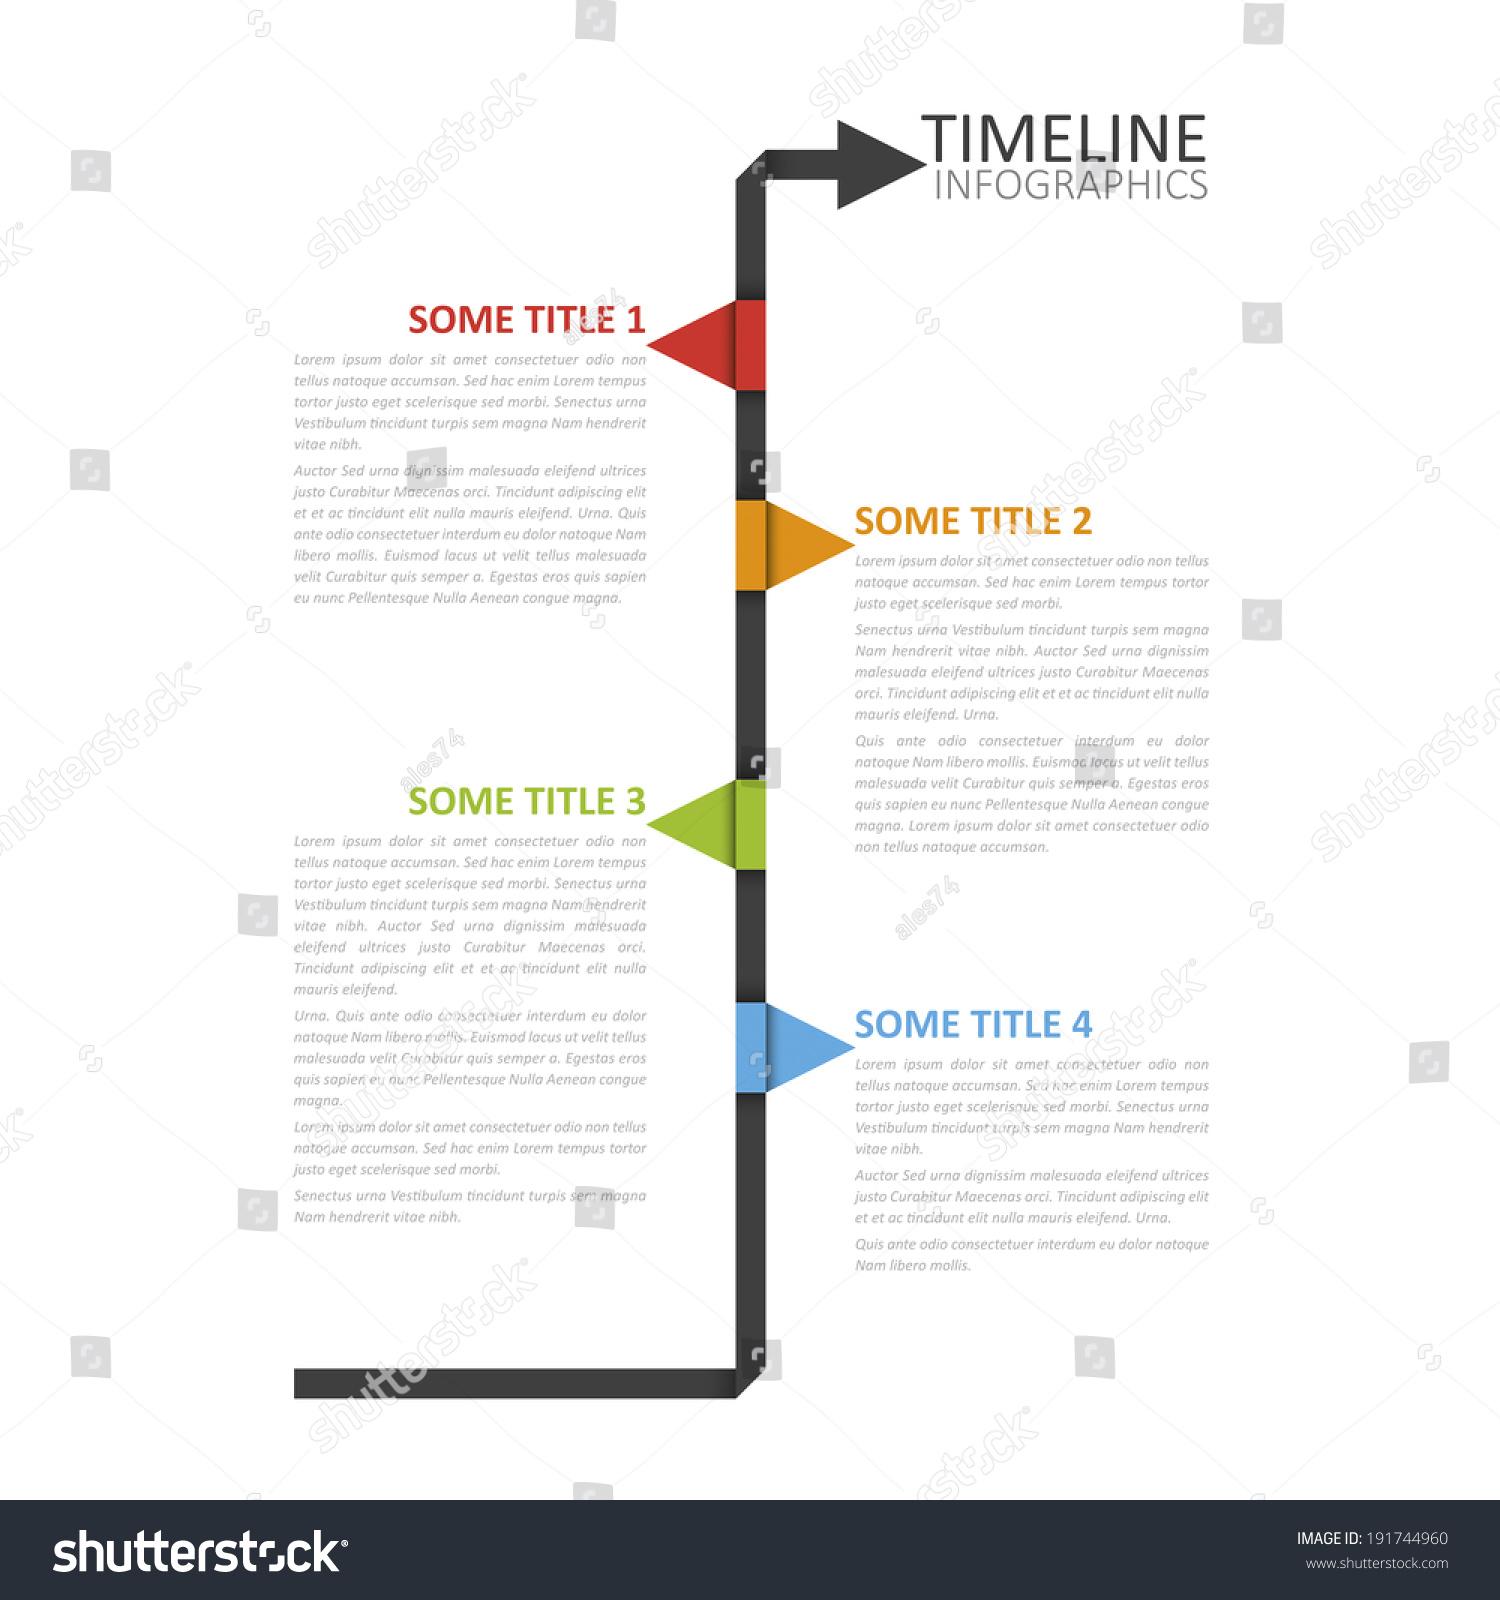 Modern Timeline Design Template. Vector Format. - 191744960 ...